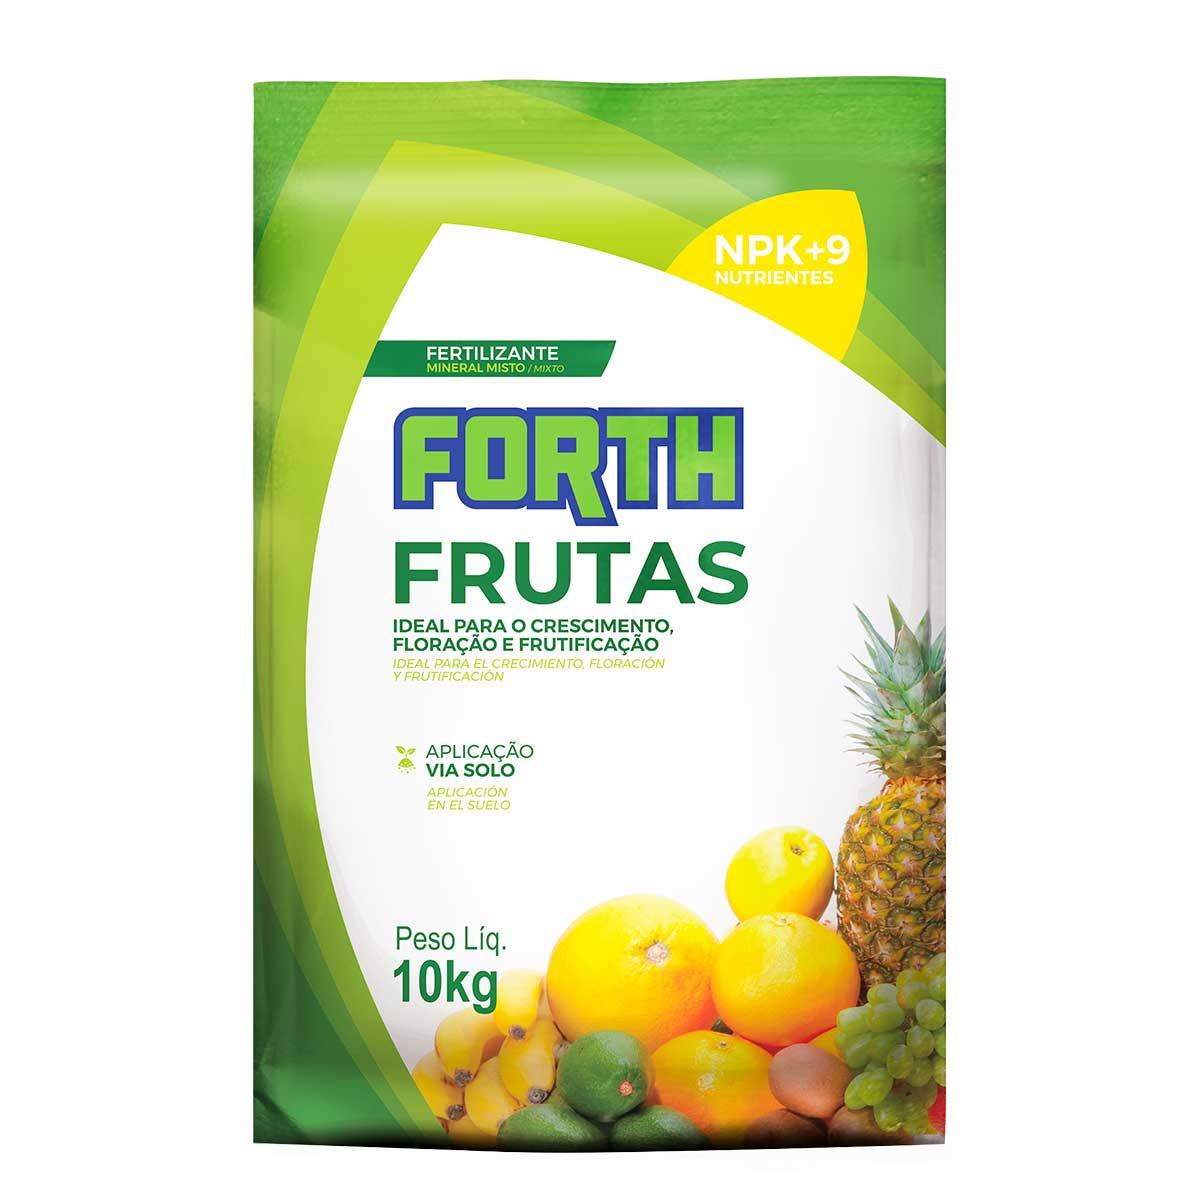 Fertilizante Adubo FORTH Frutas 10kg